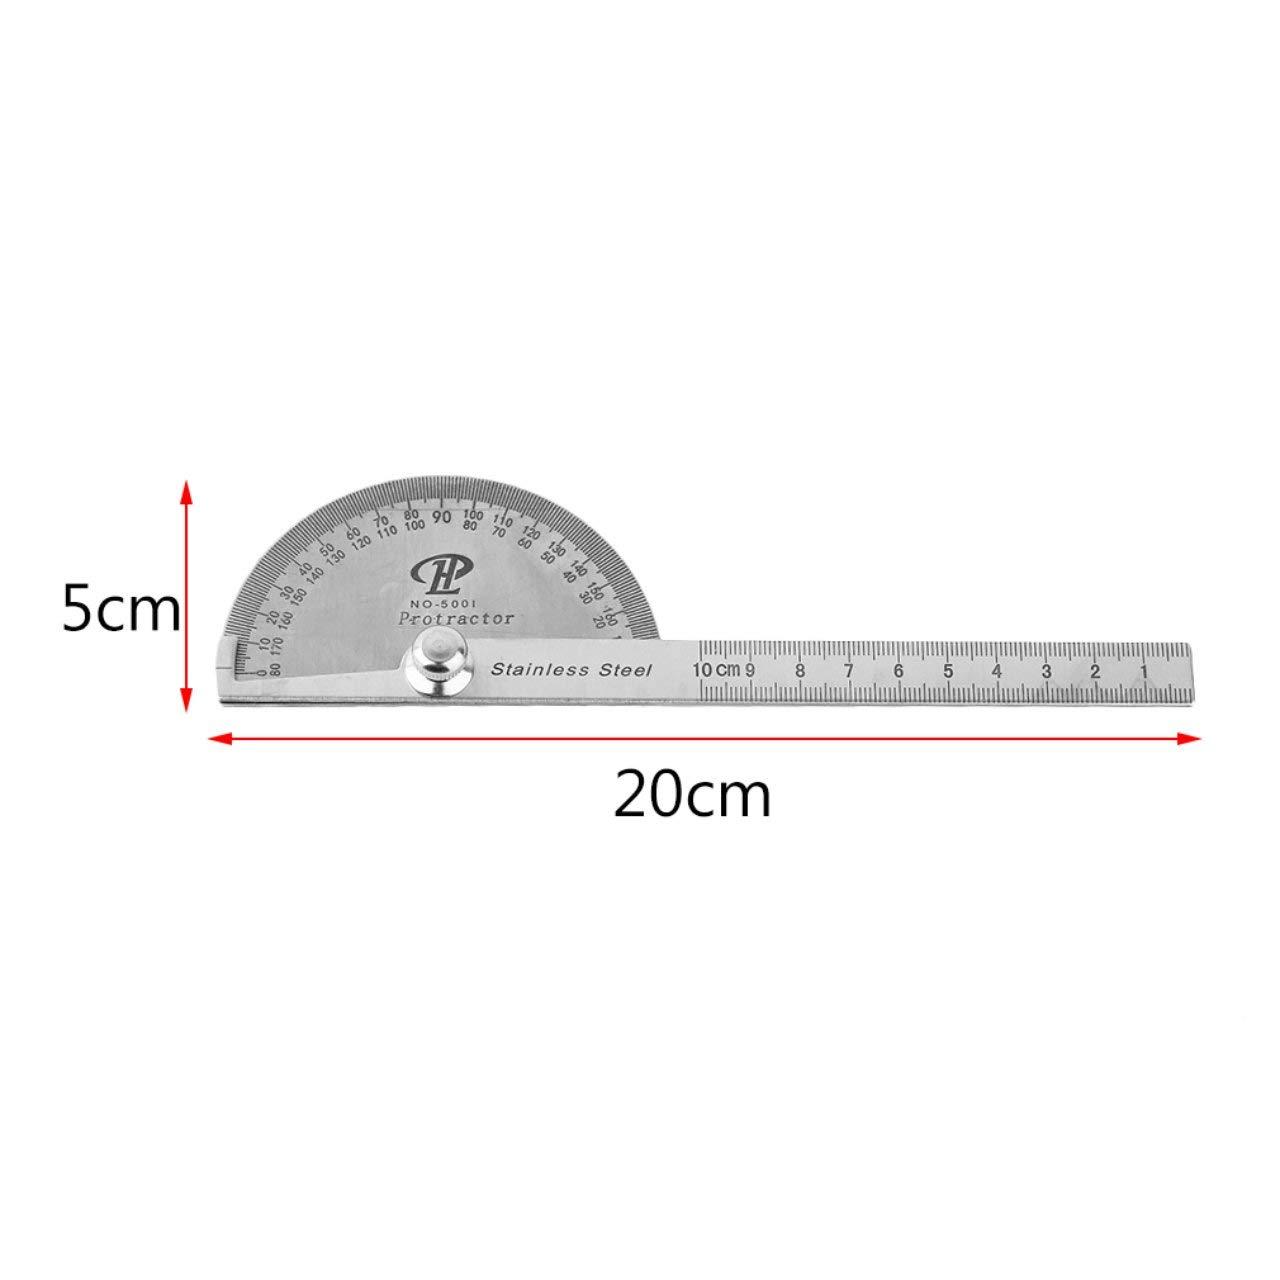 plata Transportador de acero inoxidable 180 grados Buscador de /ángulo de rotaci/ón Regla Regla Medida 100 mm Herramienta para maquinista Dise/ñador Jasnyfall